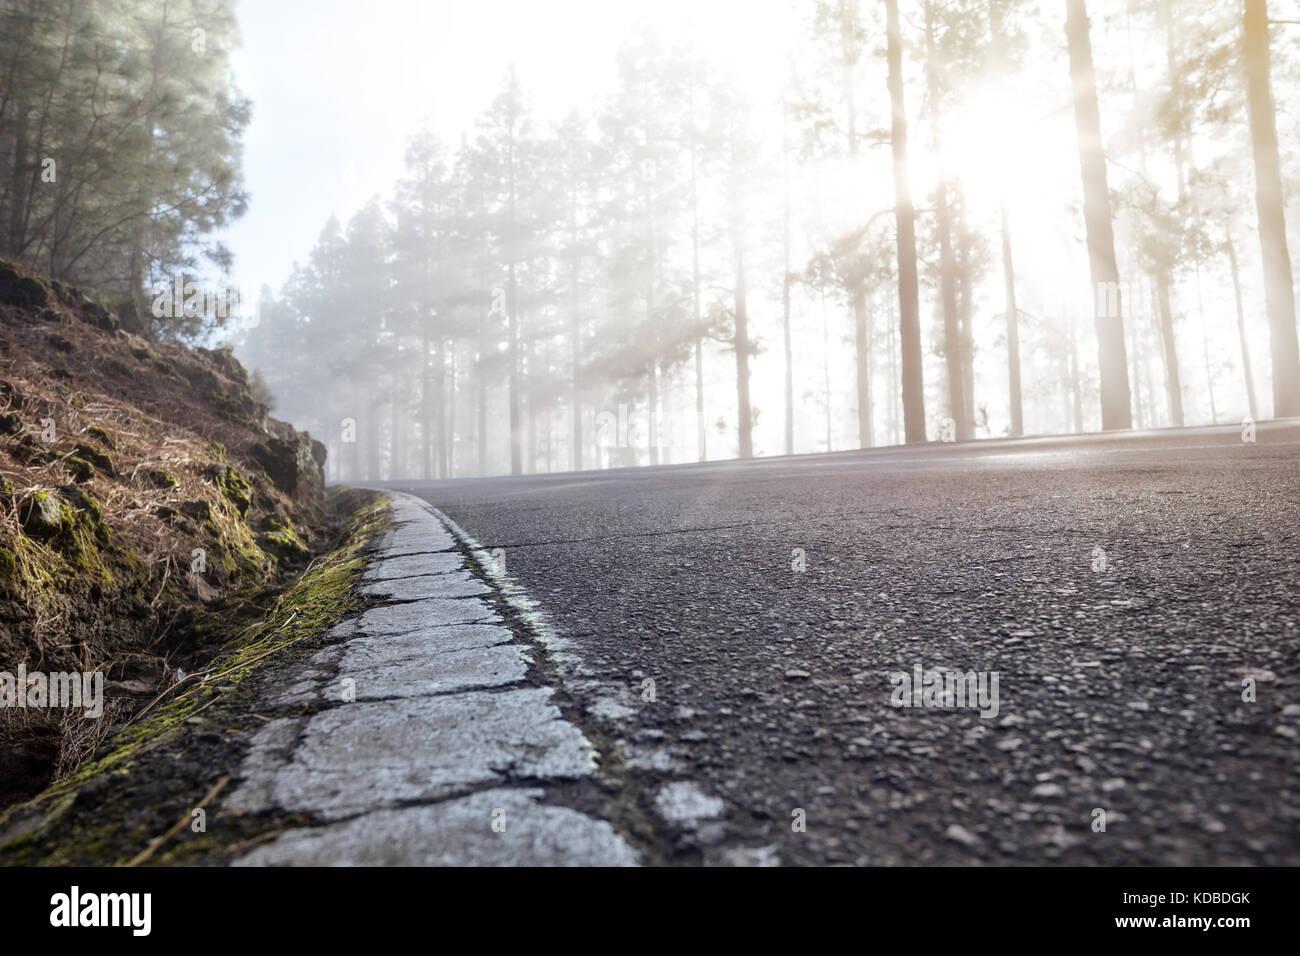 Route avec 12.2005 le marquage routier dans une forêt brumeuse Photo Stock